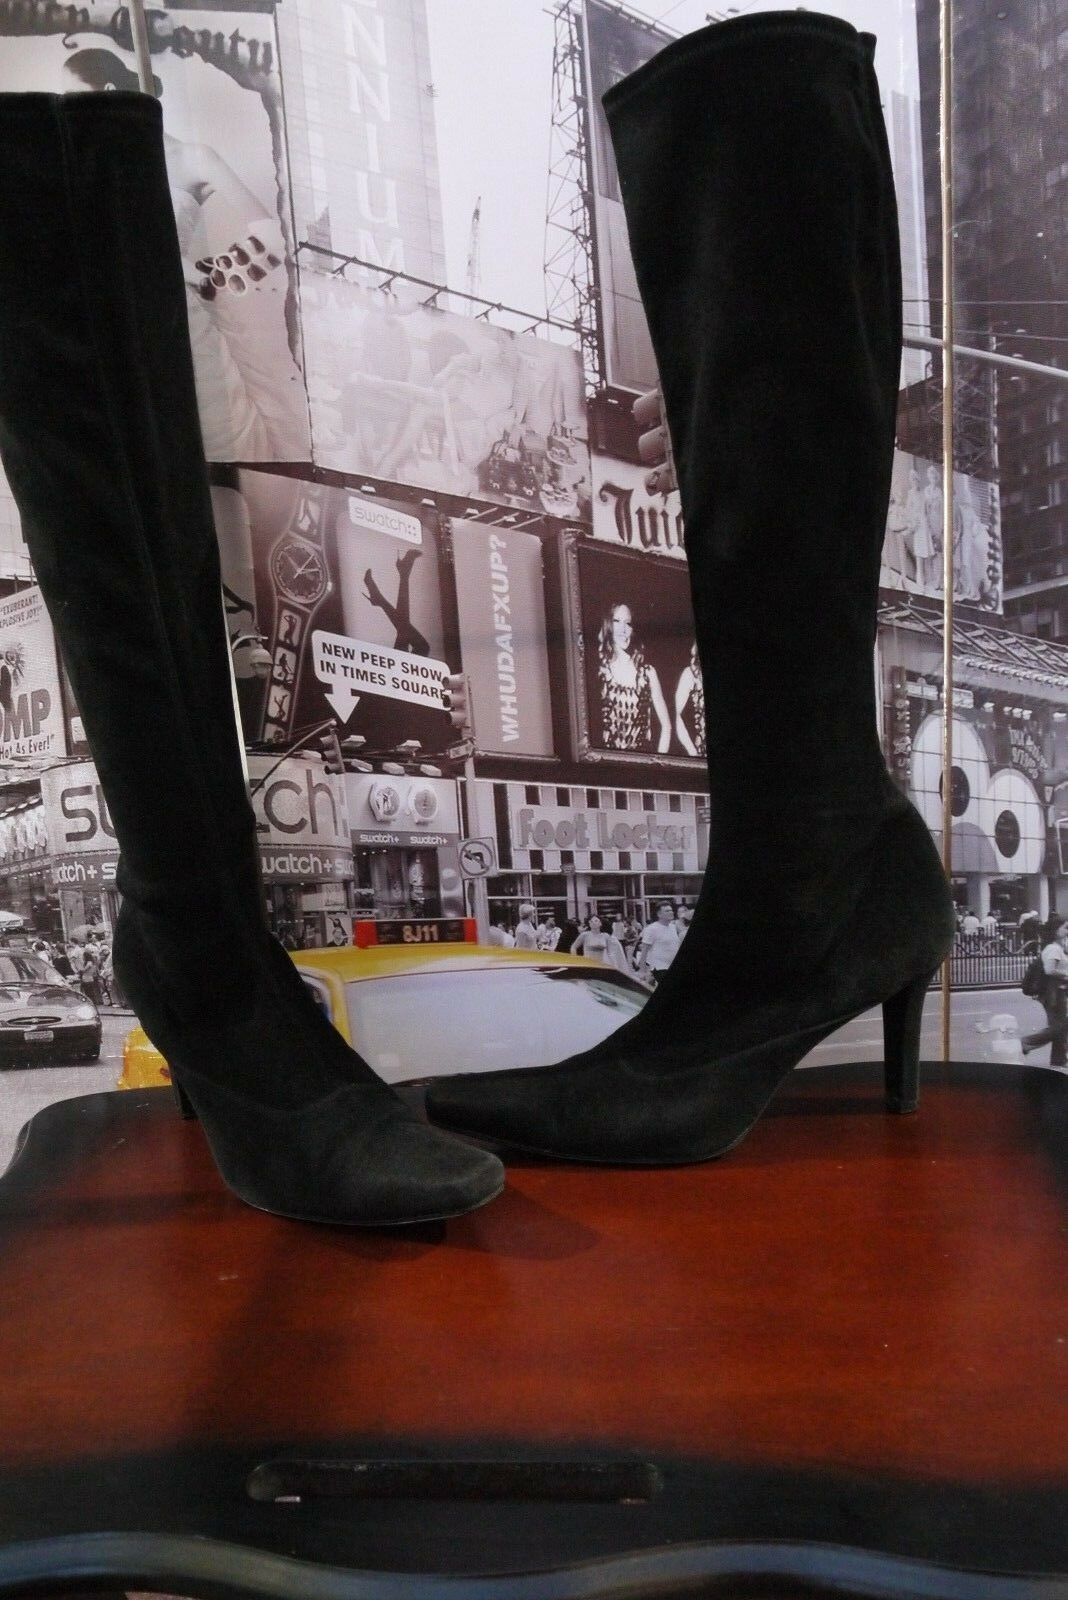 740 Stuart Weitzman jefe elástico dedo del pie cuadrado cuadrado cuadrado Tacones De Gamuza botas Negro 10 M    lo último  popular